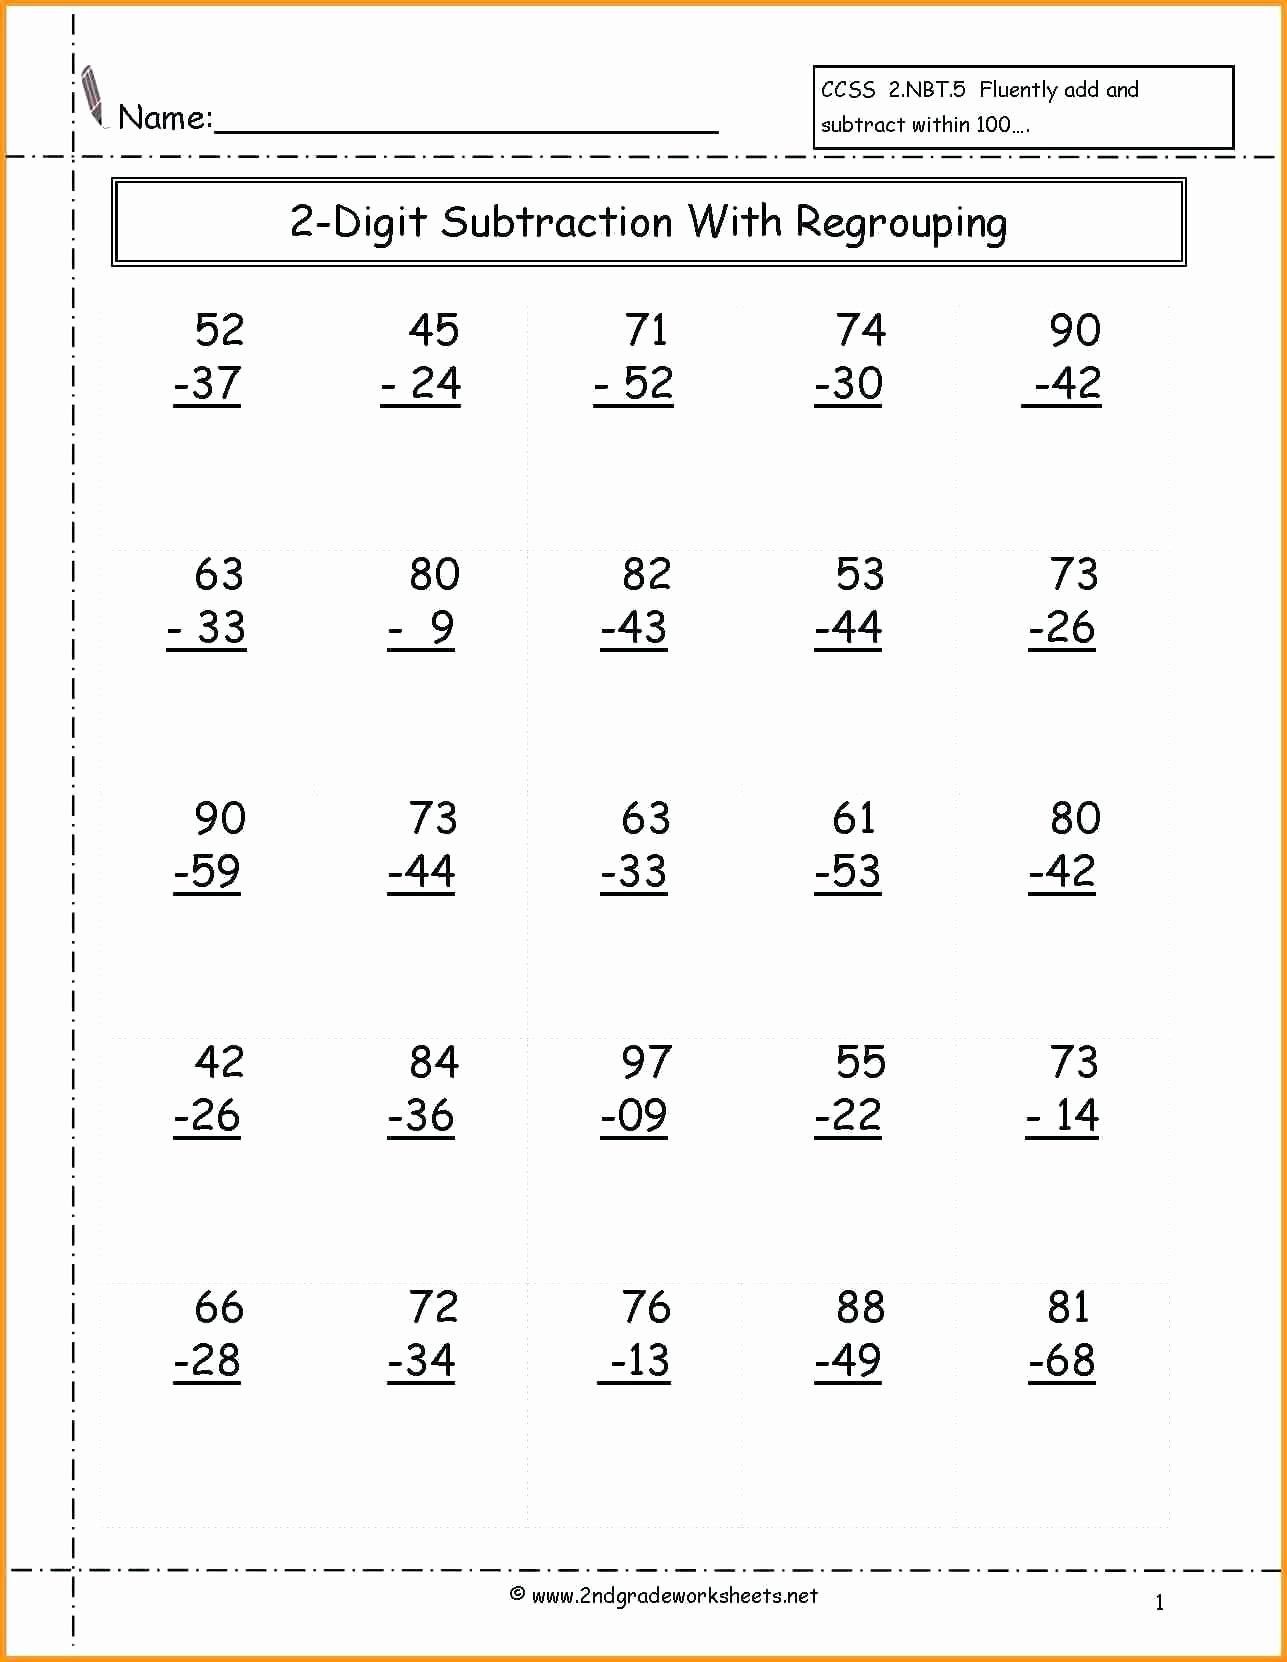 50 Algebra 2 Worksheet